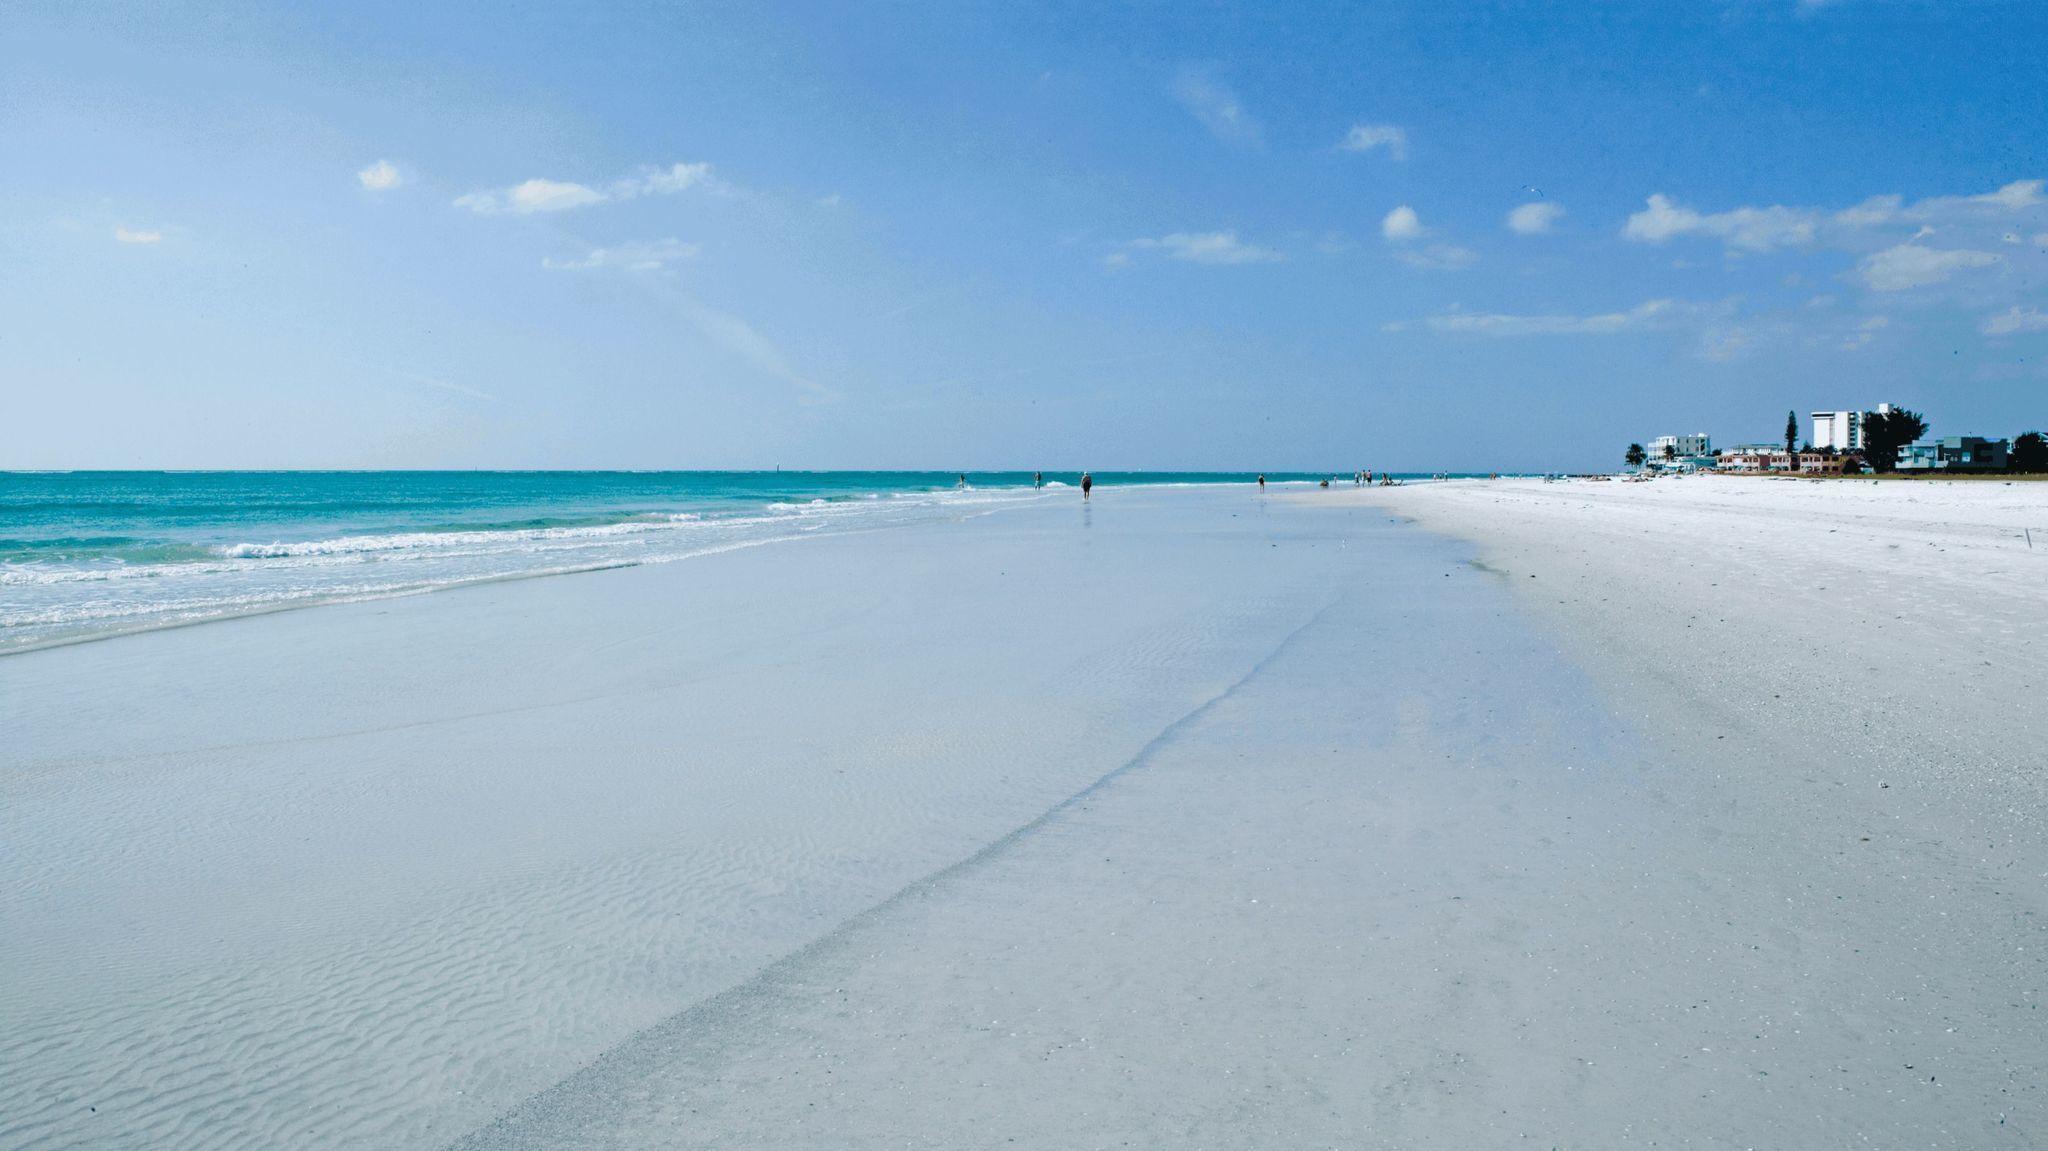 Sarasota beaches - Florida S Siesta Beach Named Best Beach In The U S By Tripadvisor Orlando Sentinel